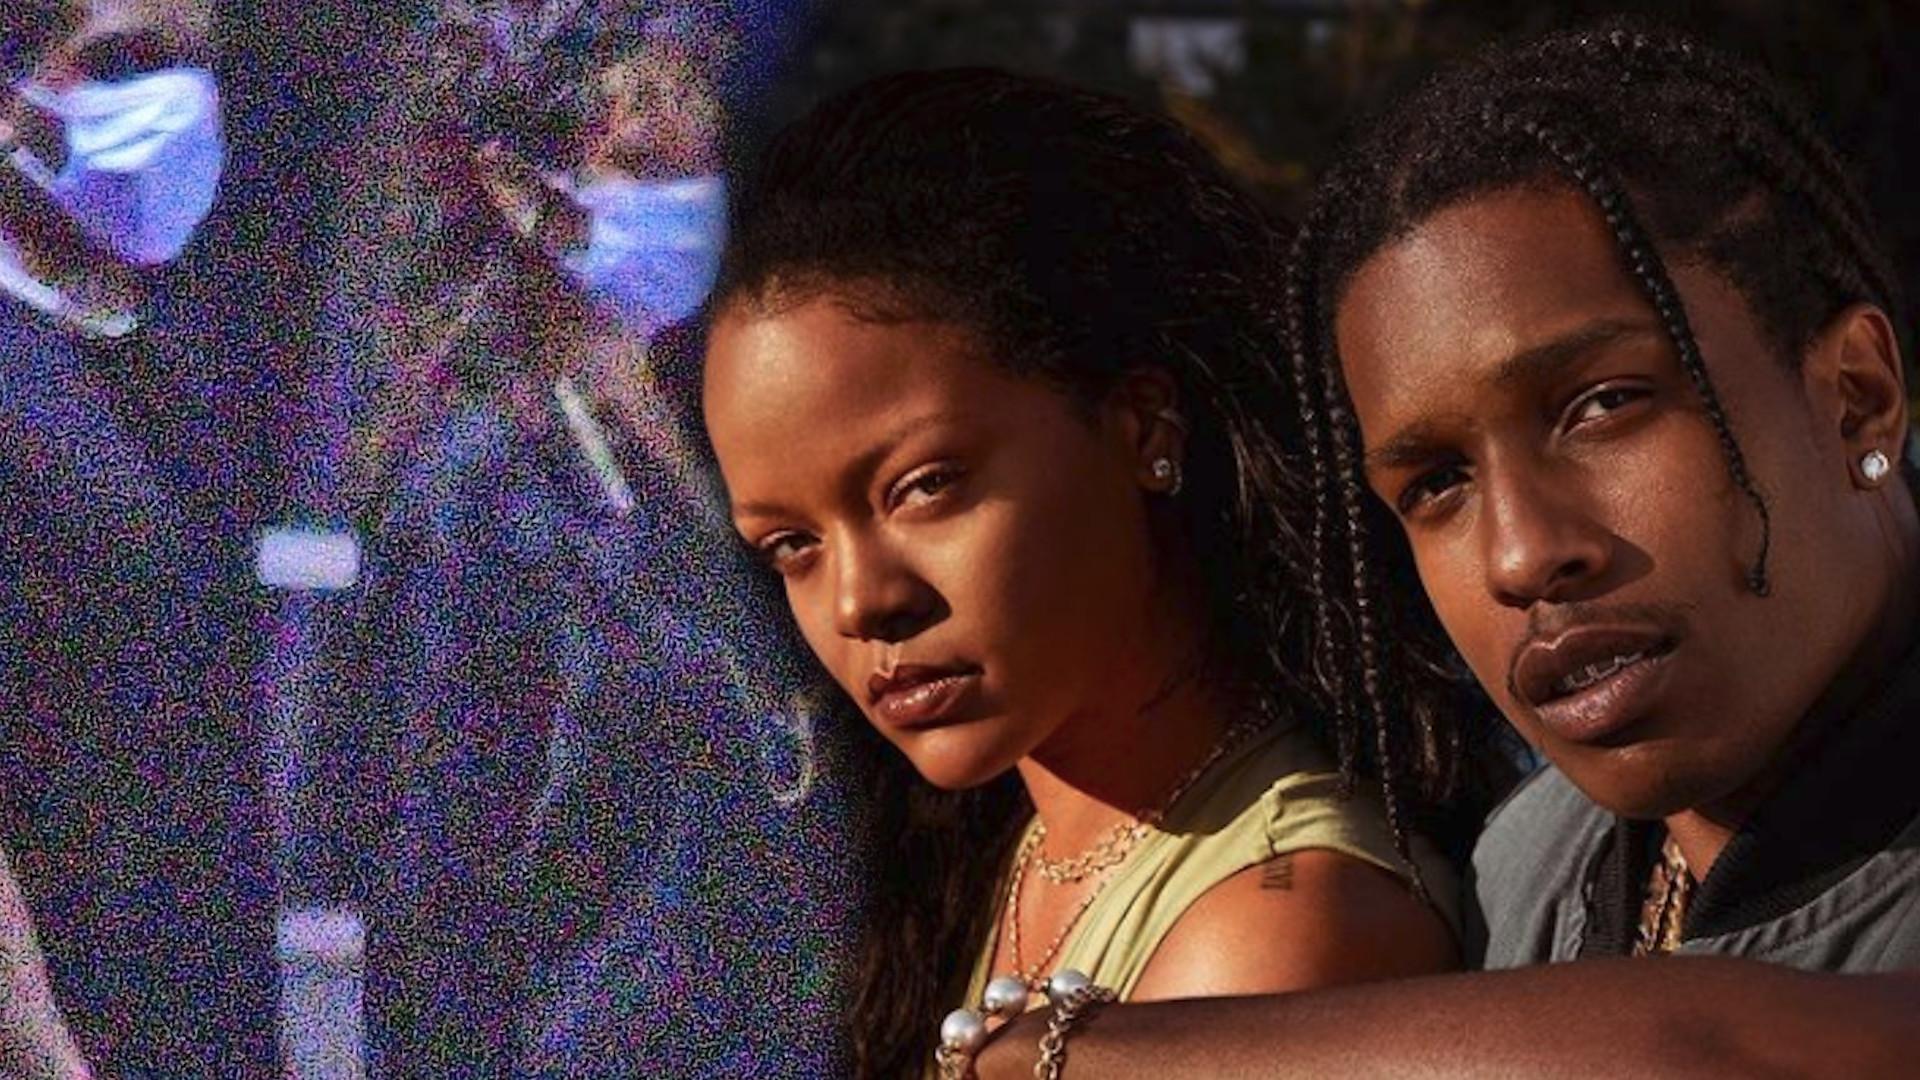 Rihanna i ASAP Rocky spędzili razem święta. Mieli luksusową Wigilię (ZDJĘCIA)